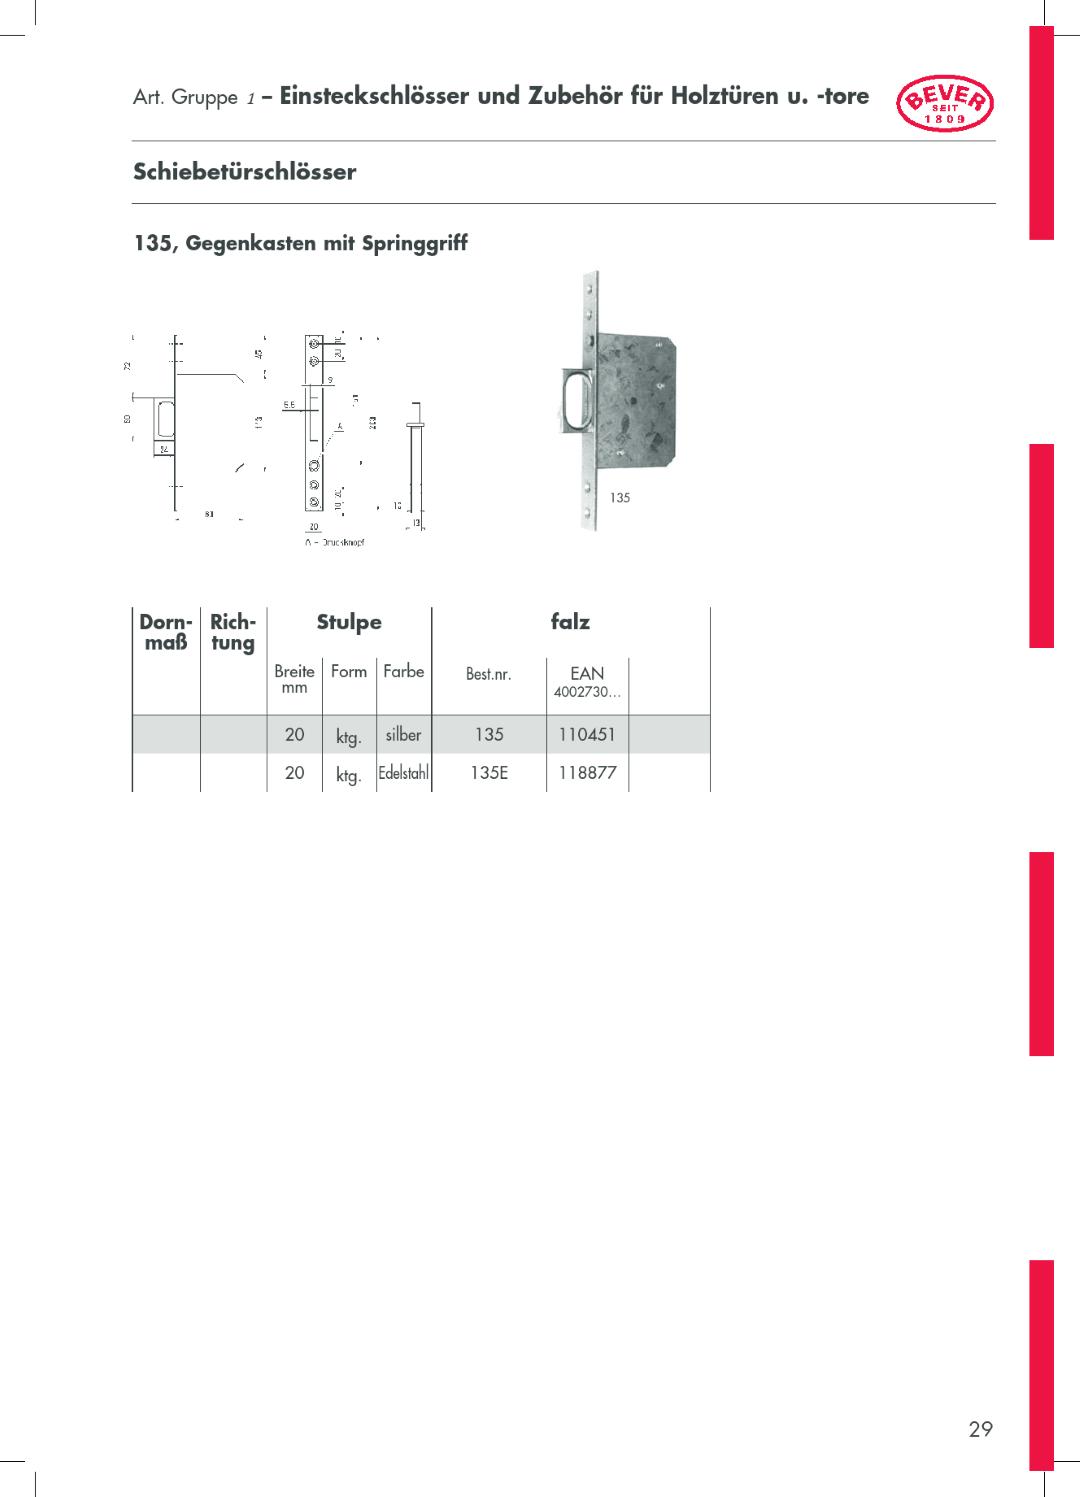 Katalog BEVER Seite 37 Regensburger Eisen Handel GmbH